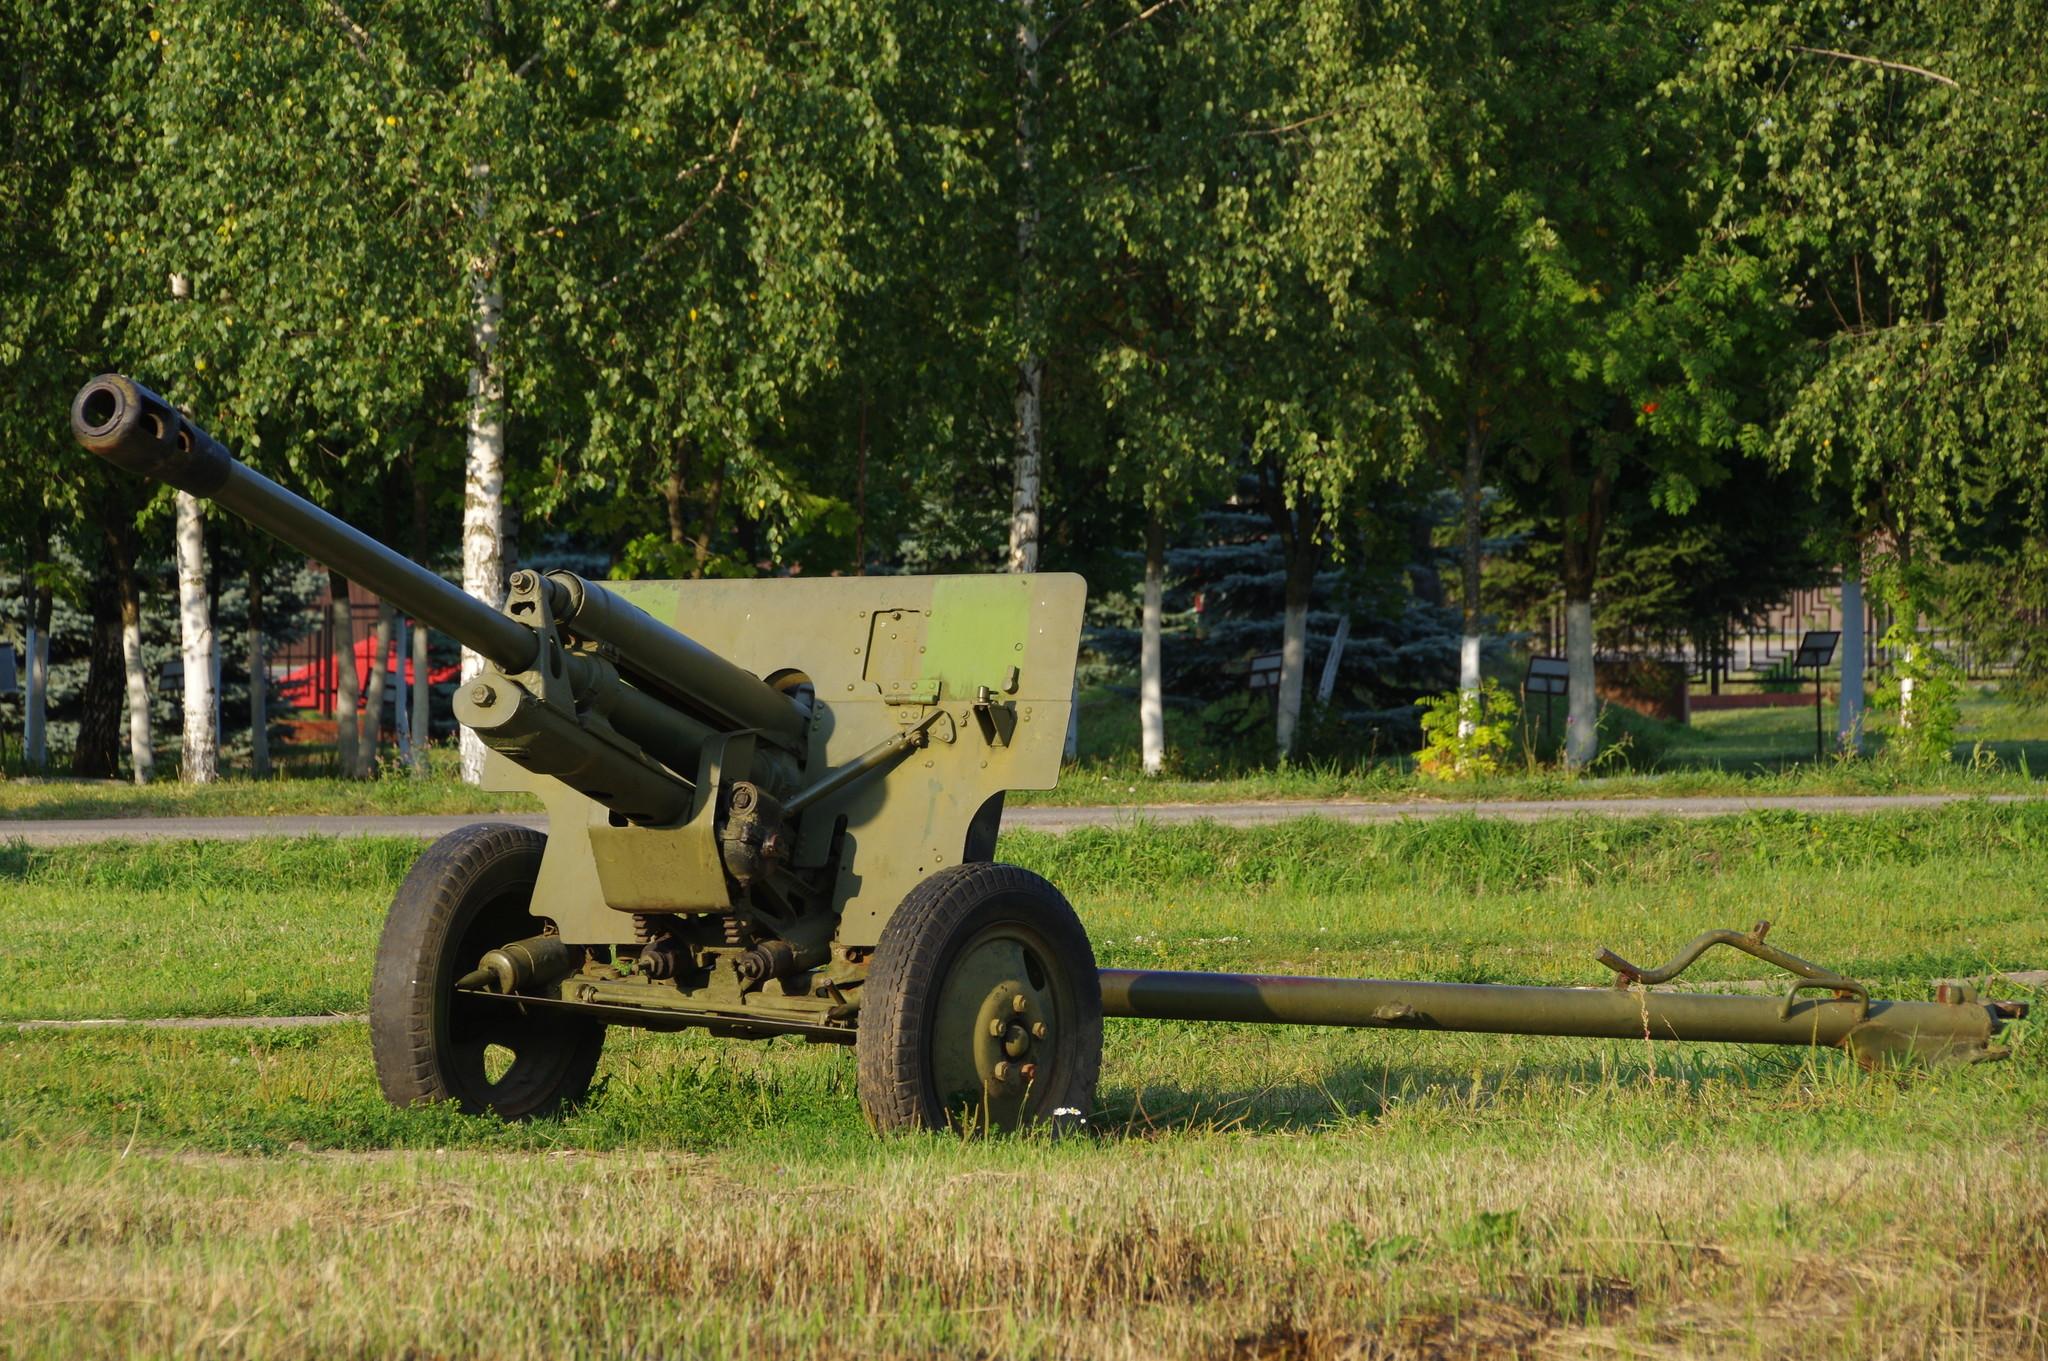 76-мм дивизионная противотанковая пушка ЗИС-3 (Ленино-Снегирёвский военно-исторический музей)